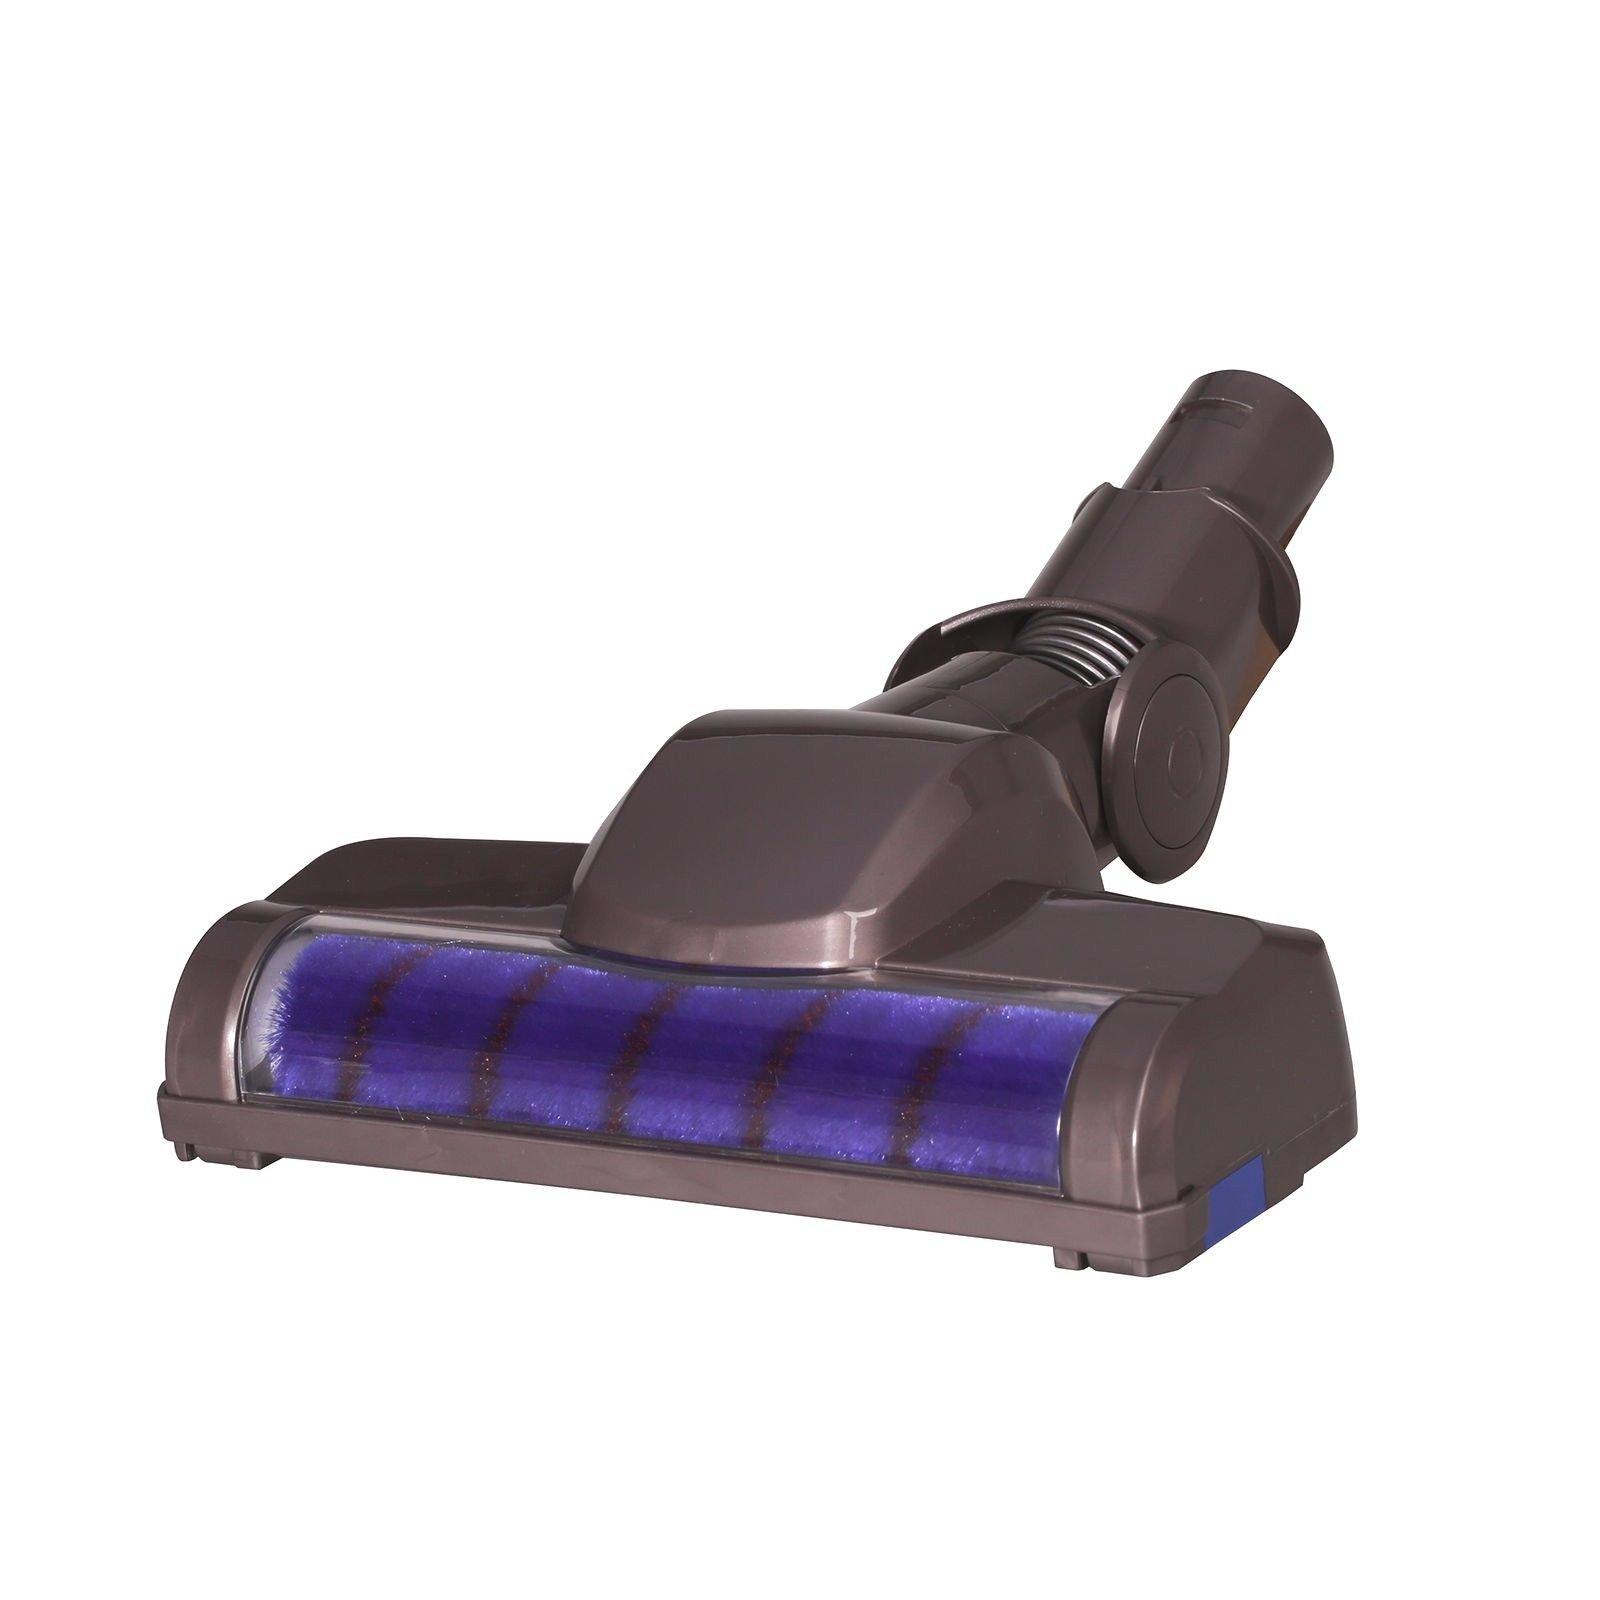 Qualtex Animal Cordless Soft Roller Brush Roll for Dyson V6